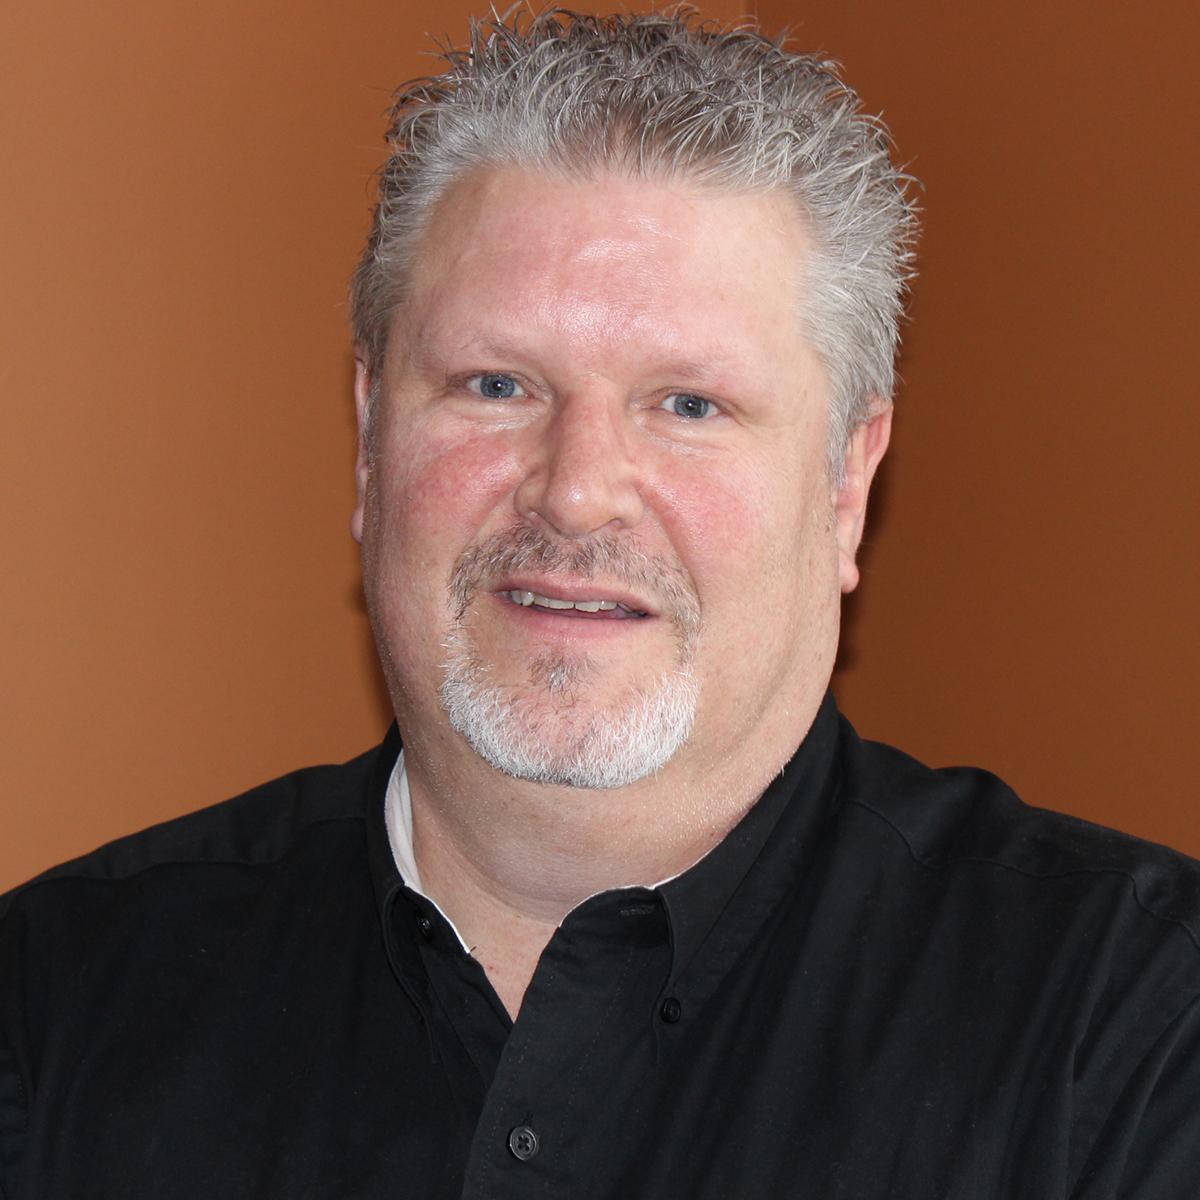 Meet Ambassador of the Year Joel Merrill